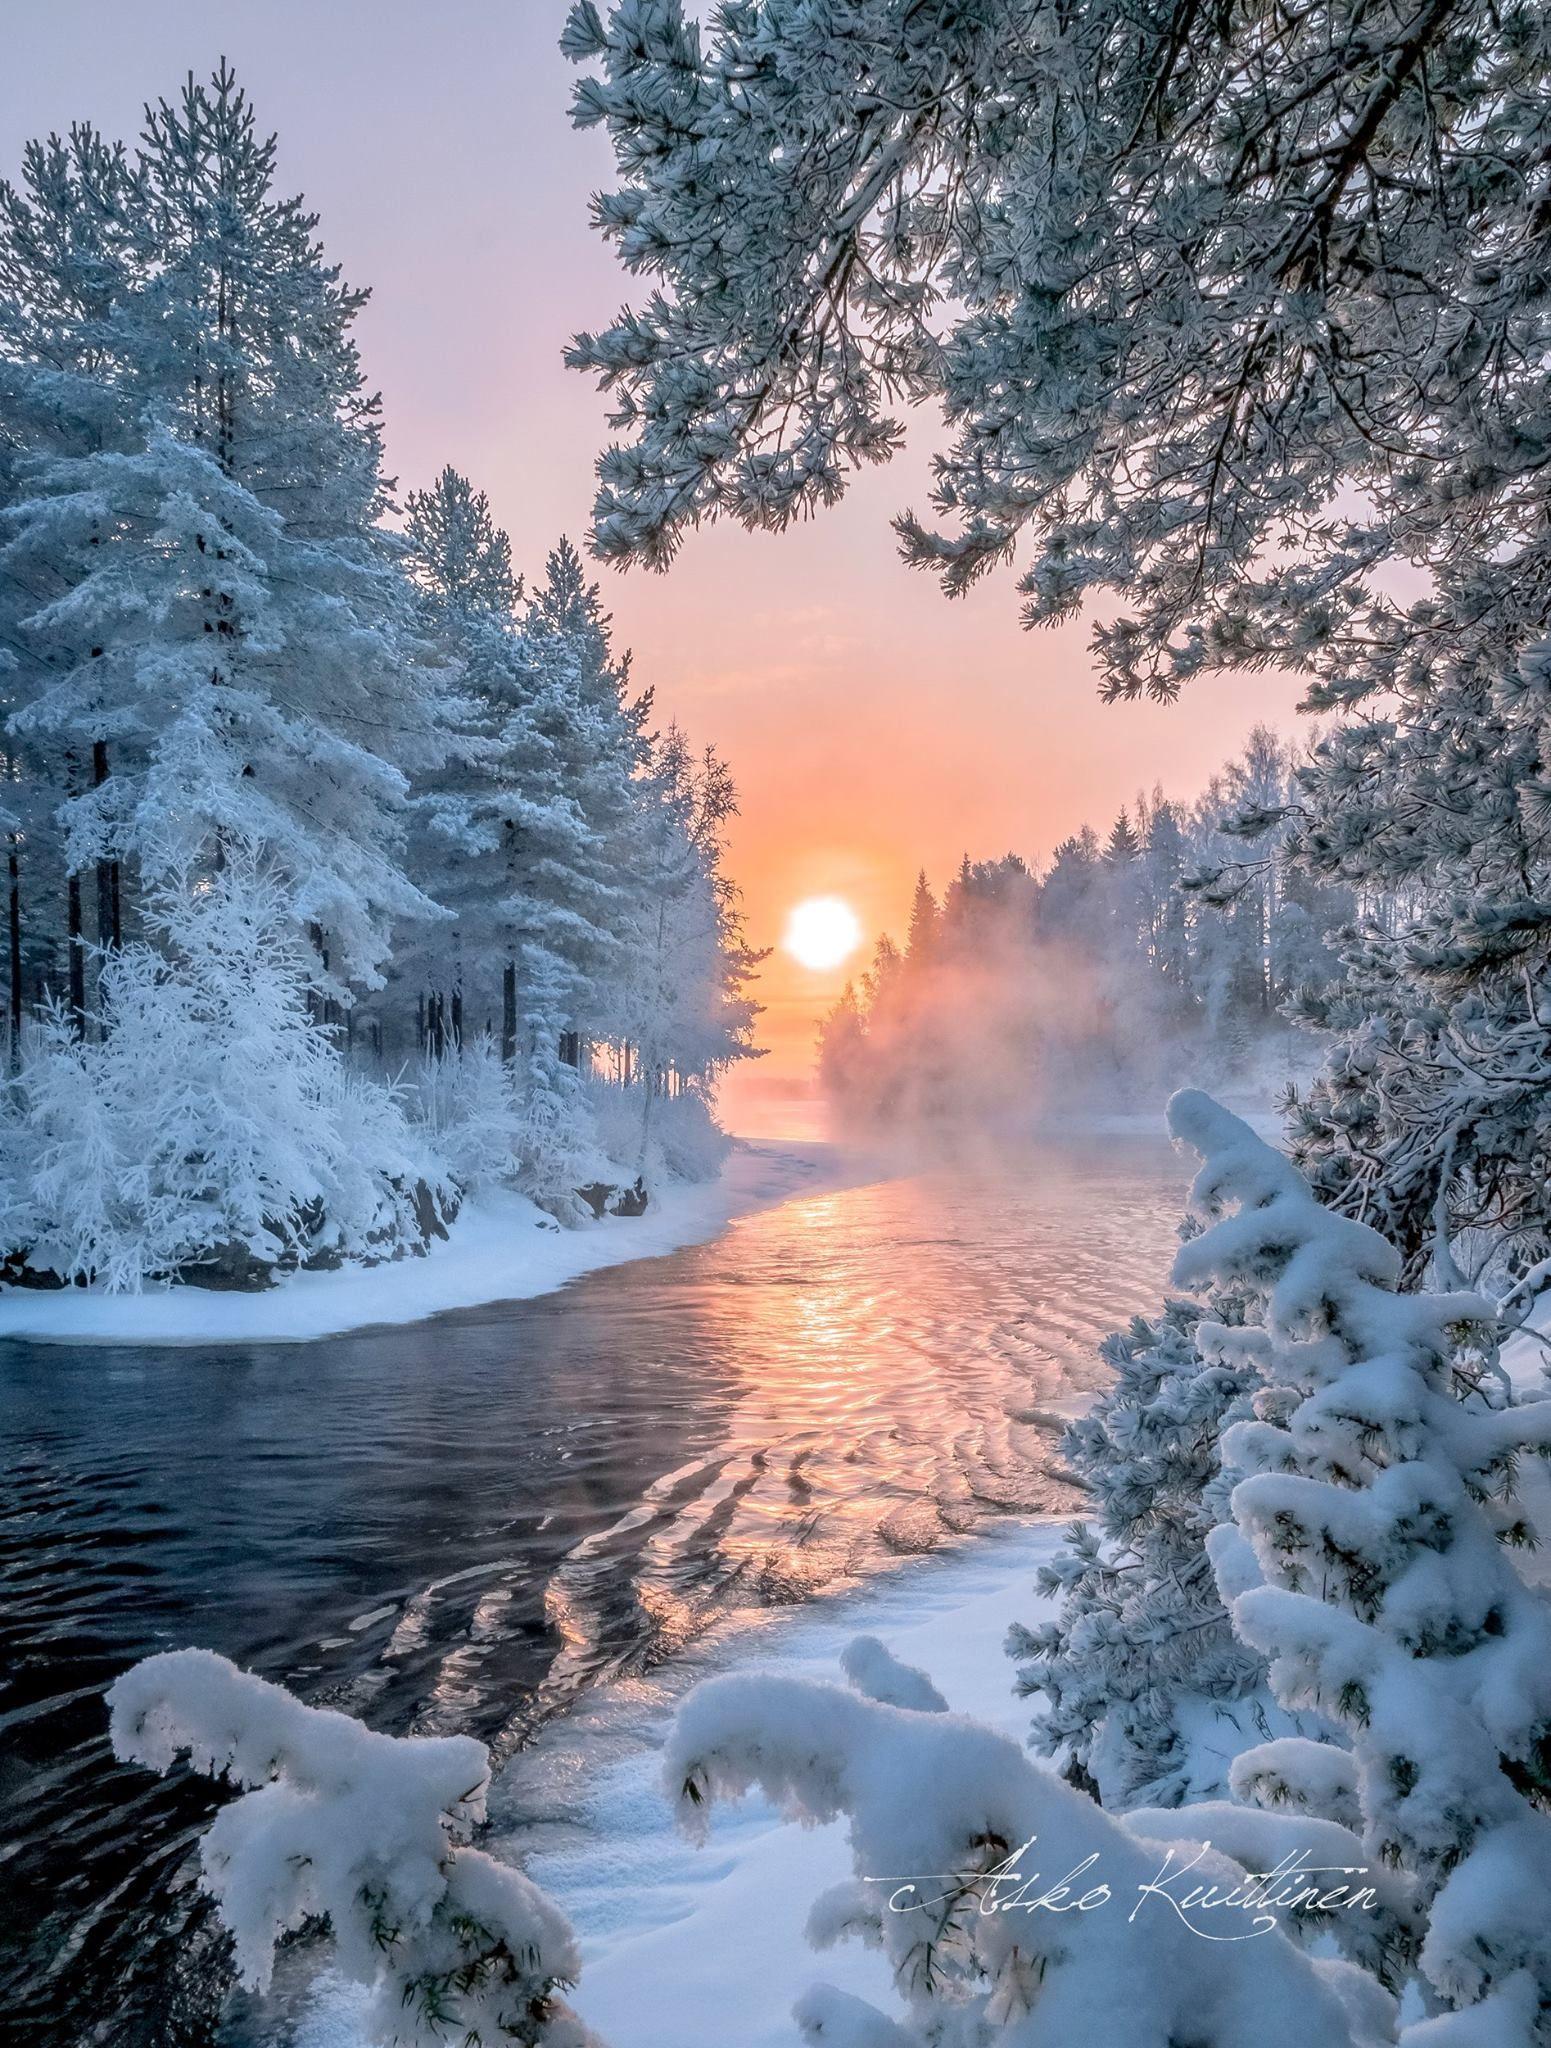 Tammikuun Aurinko Winter Photos Scenery Pictures Sunset Beautiful